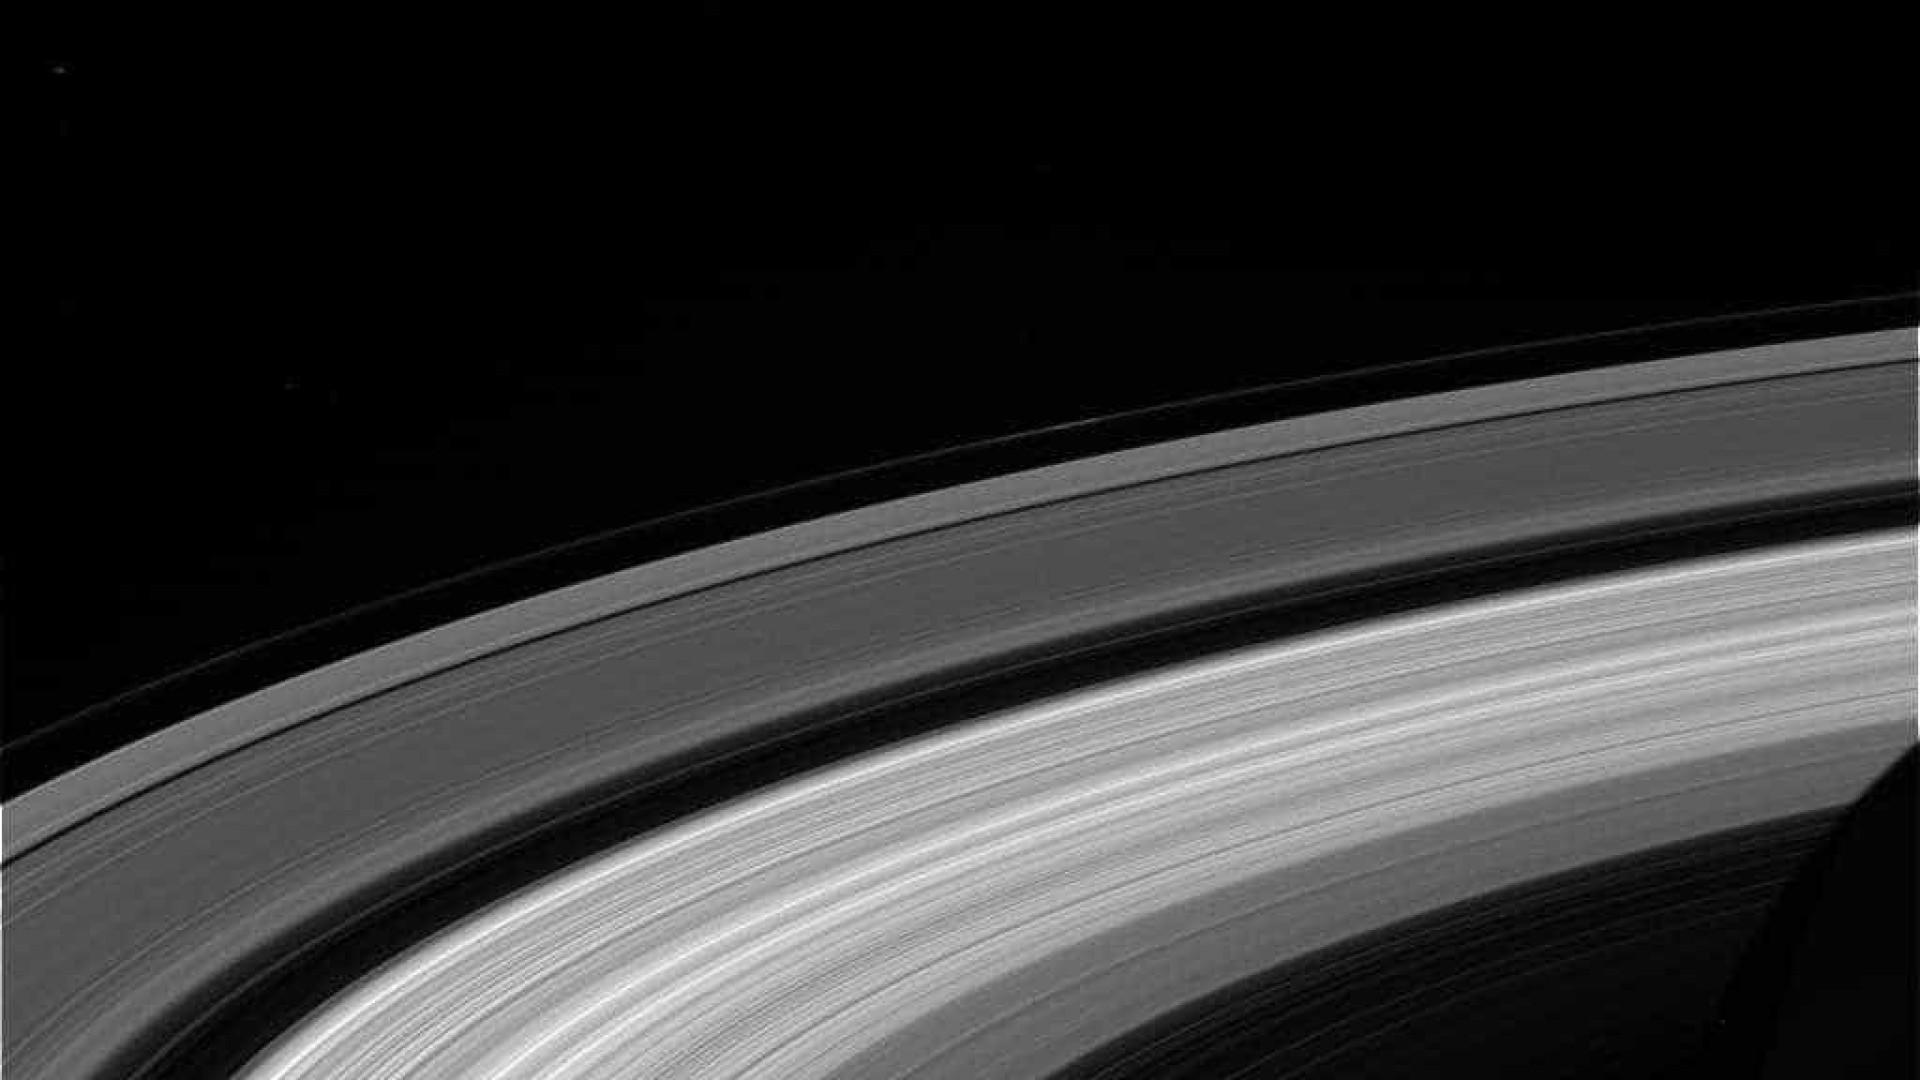 Revelada última imagem de Saturno feita pela Cassini